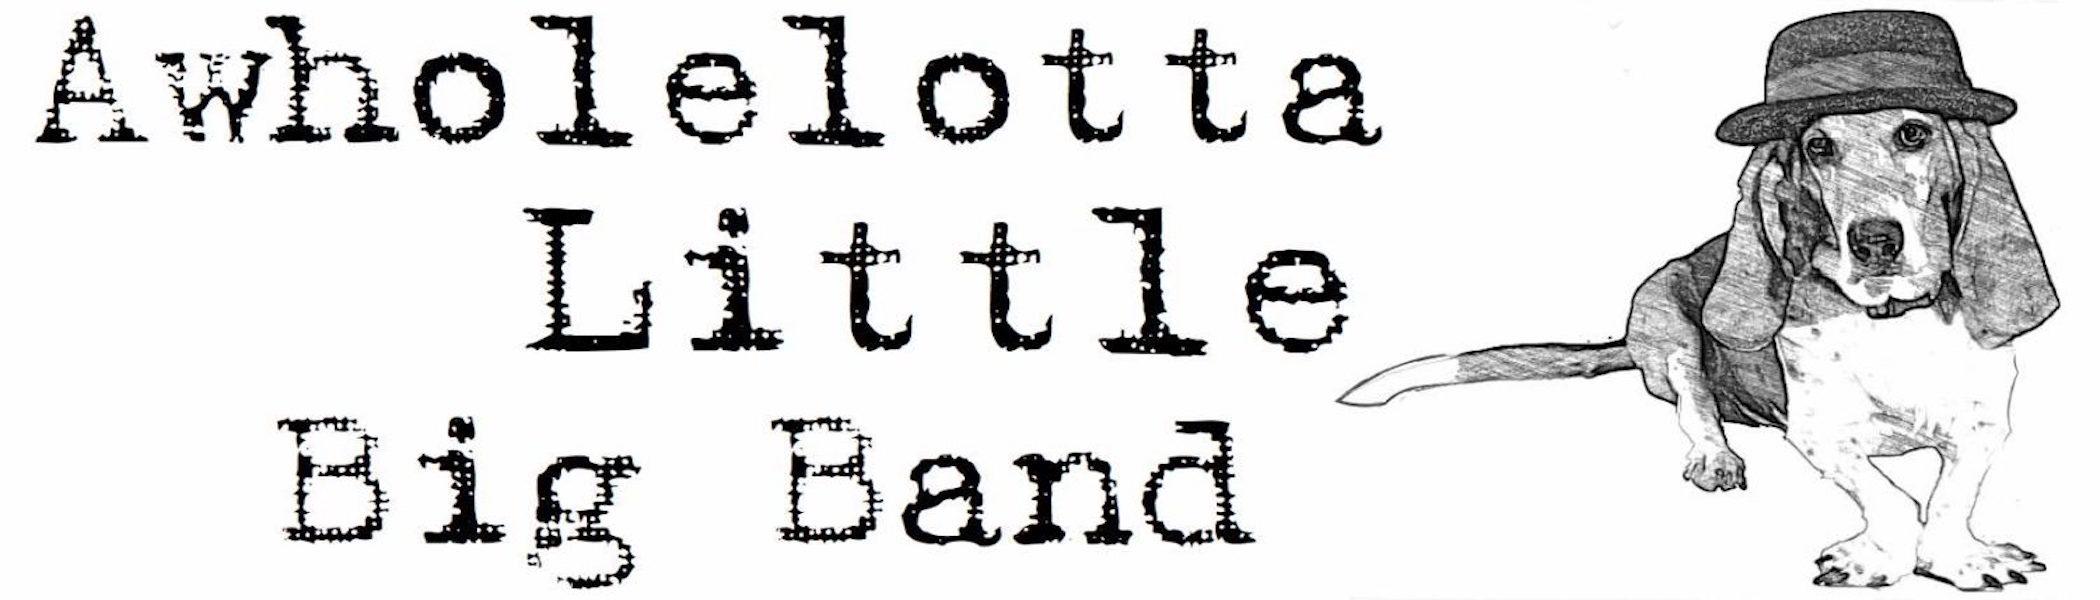 Awholelotta Little Big Band